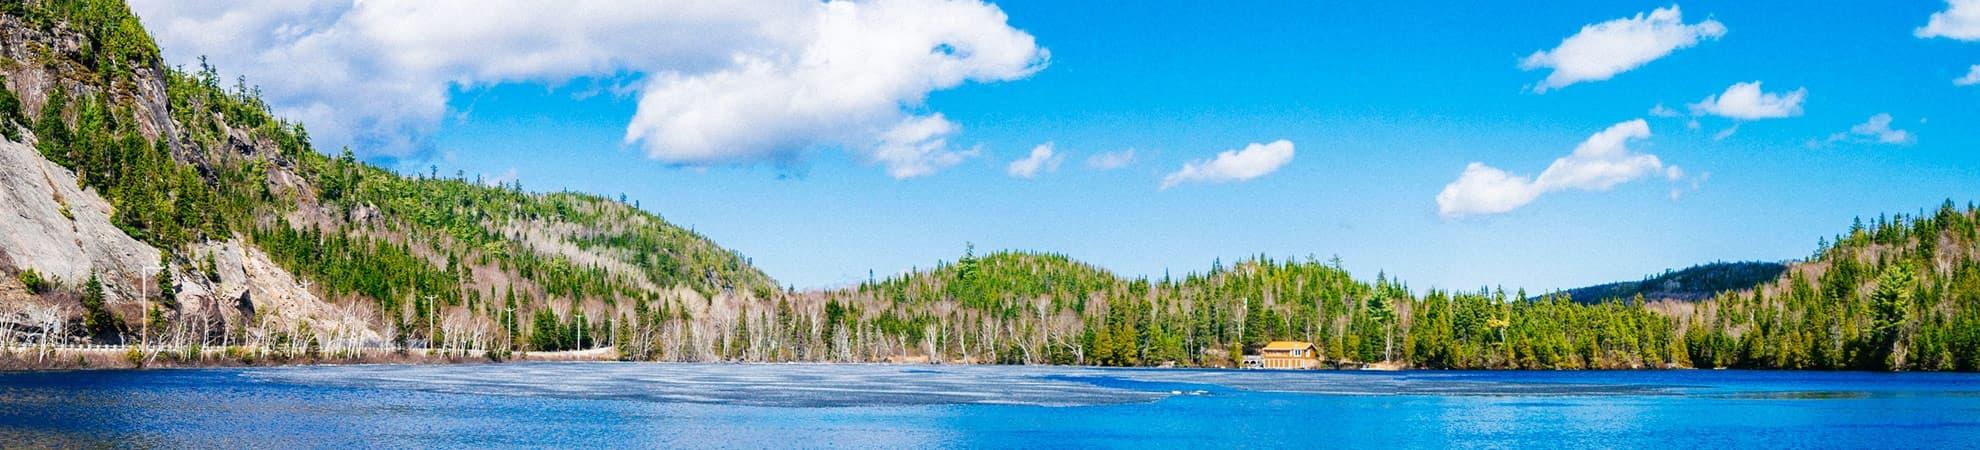 Voyage Baie-Saint-Paul